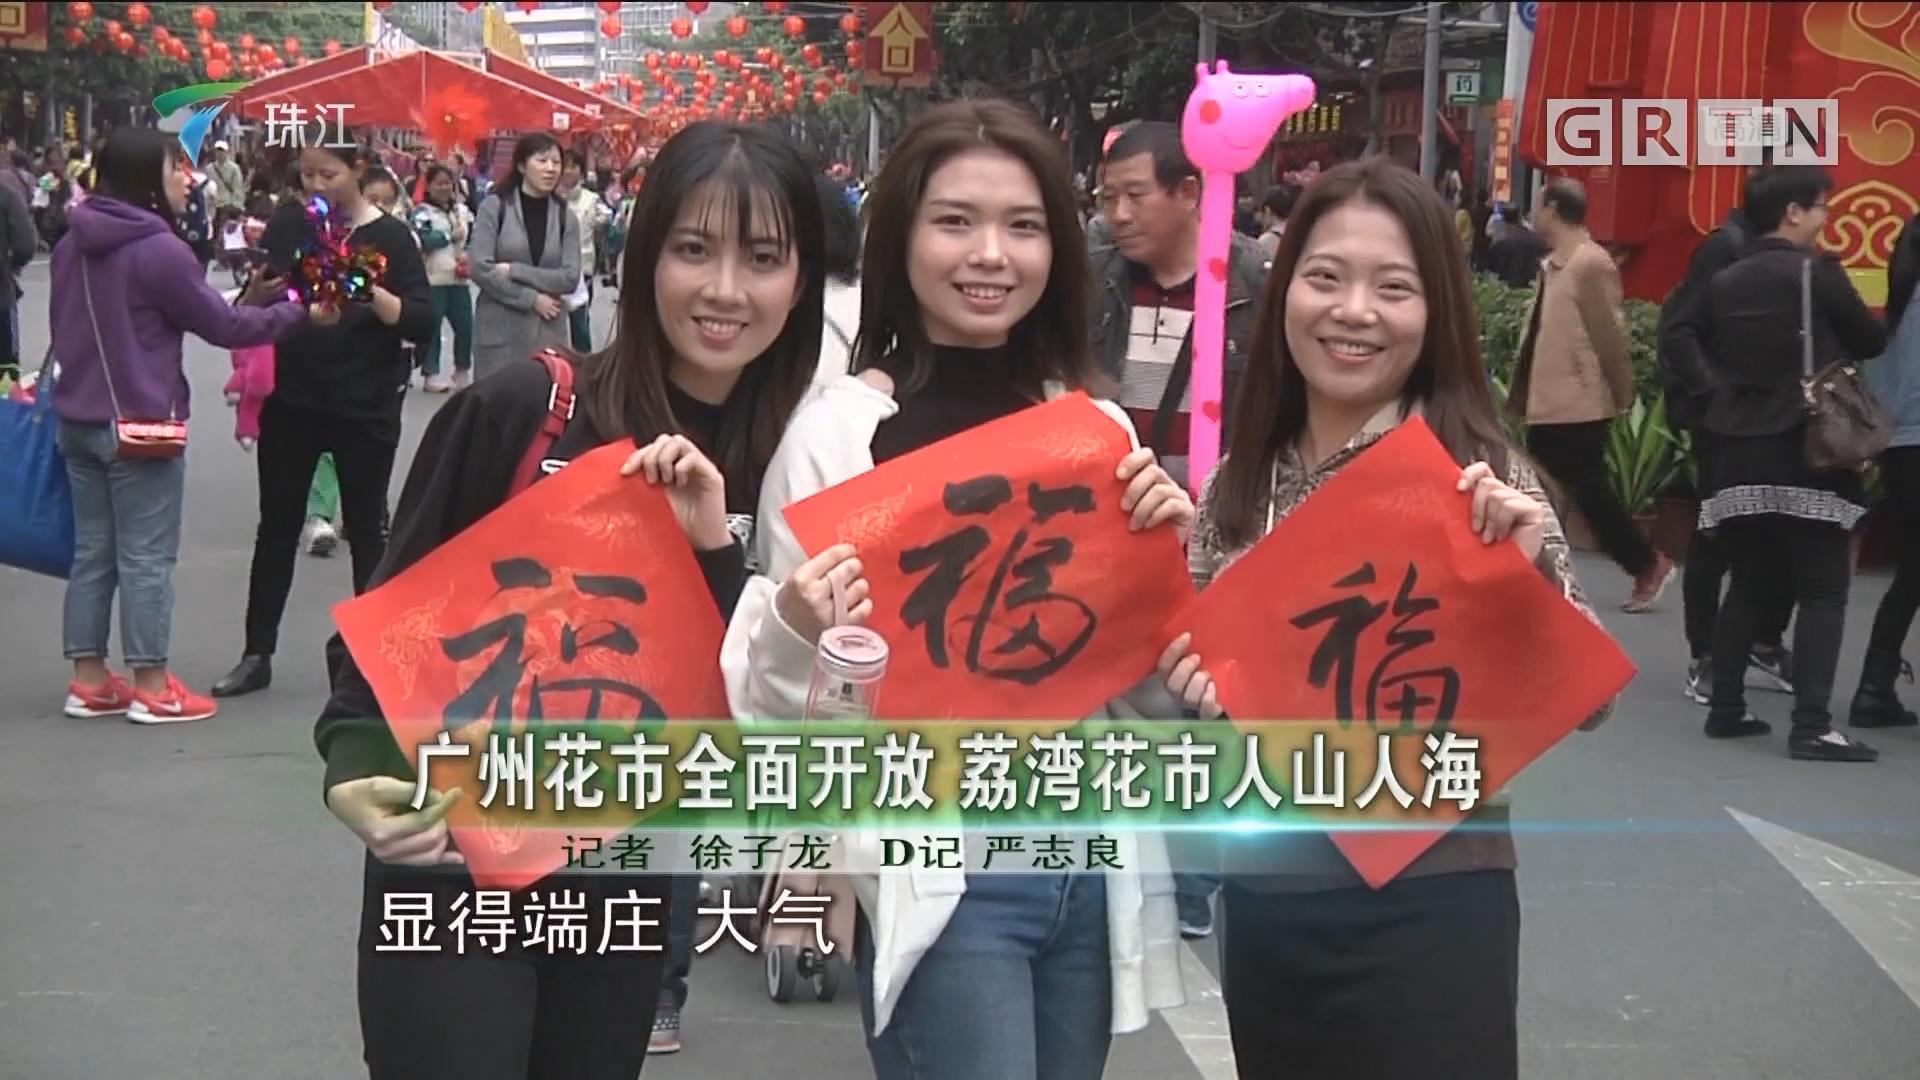 广州花市全面开放 荔湾花市人山人海